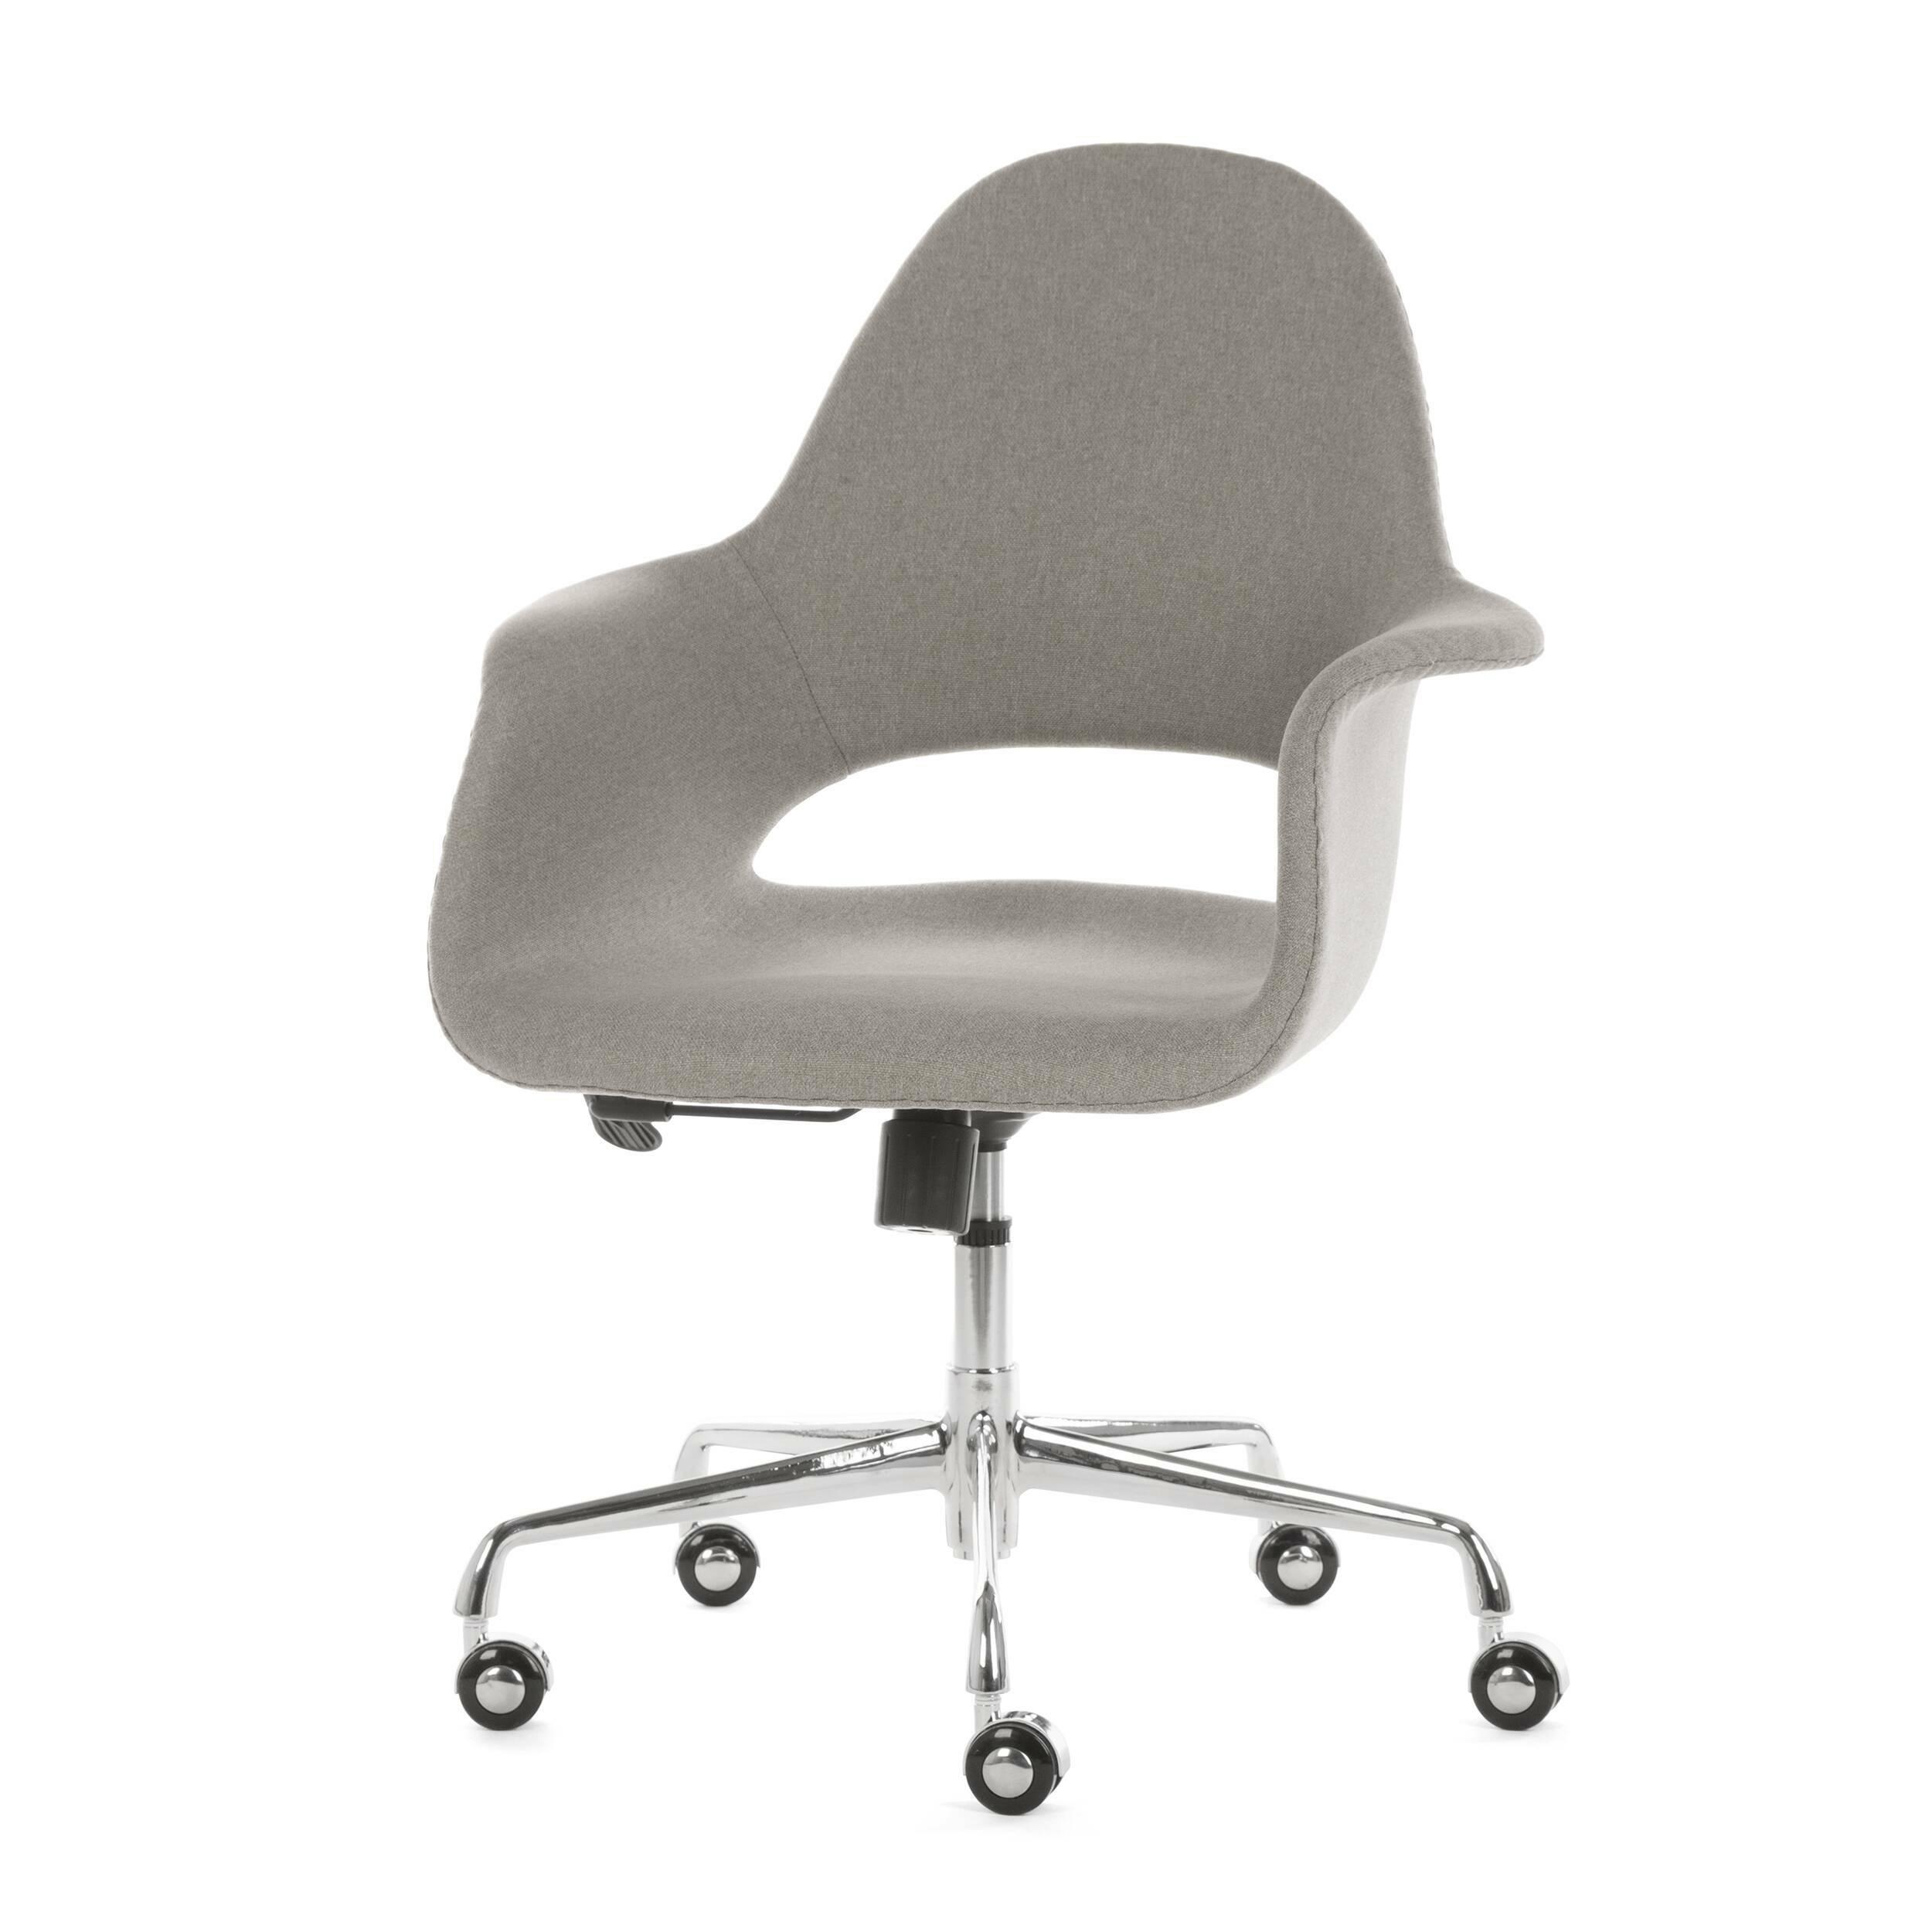 Кресло Organic RollОфисные<br>Кресло Organic Roll – это яркое изделие, которое привнесет в любой интерьер хорошее настроение и освежит его позитивными красками. Изделие не только красиво, но и удобно. Спинка и сиденье кресла обладают анатомической формой, что, безусловно, поможет сохранить красивую осанку и позволит вам работать или отдыхать без напряжения.<br><br><br> Organic Roll – это отличное сочетание красоты и высокого качества. Обивка сиденья изготавливается из экологичной ткани, которая соткана из хлопка и льна. Кон...<br><br>stock: 3<br>Высота: 100<br>Высота сиденья: 50<br>Ширина: 62,5<br>Глубина: 61<br>Цвет ножек: Хром<br>Механизмы: Регулировка высоты<br>Материал ножек: Сталь нержавеющая<br>Материал обивки: Ткань<br>Цвет обивки: Серый